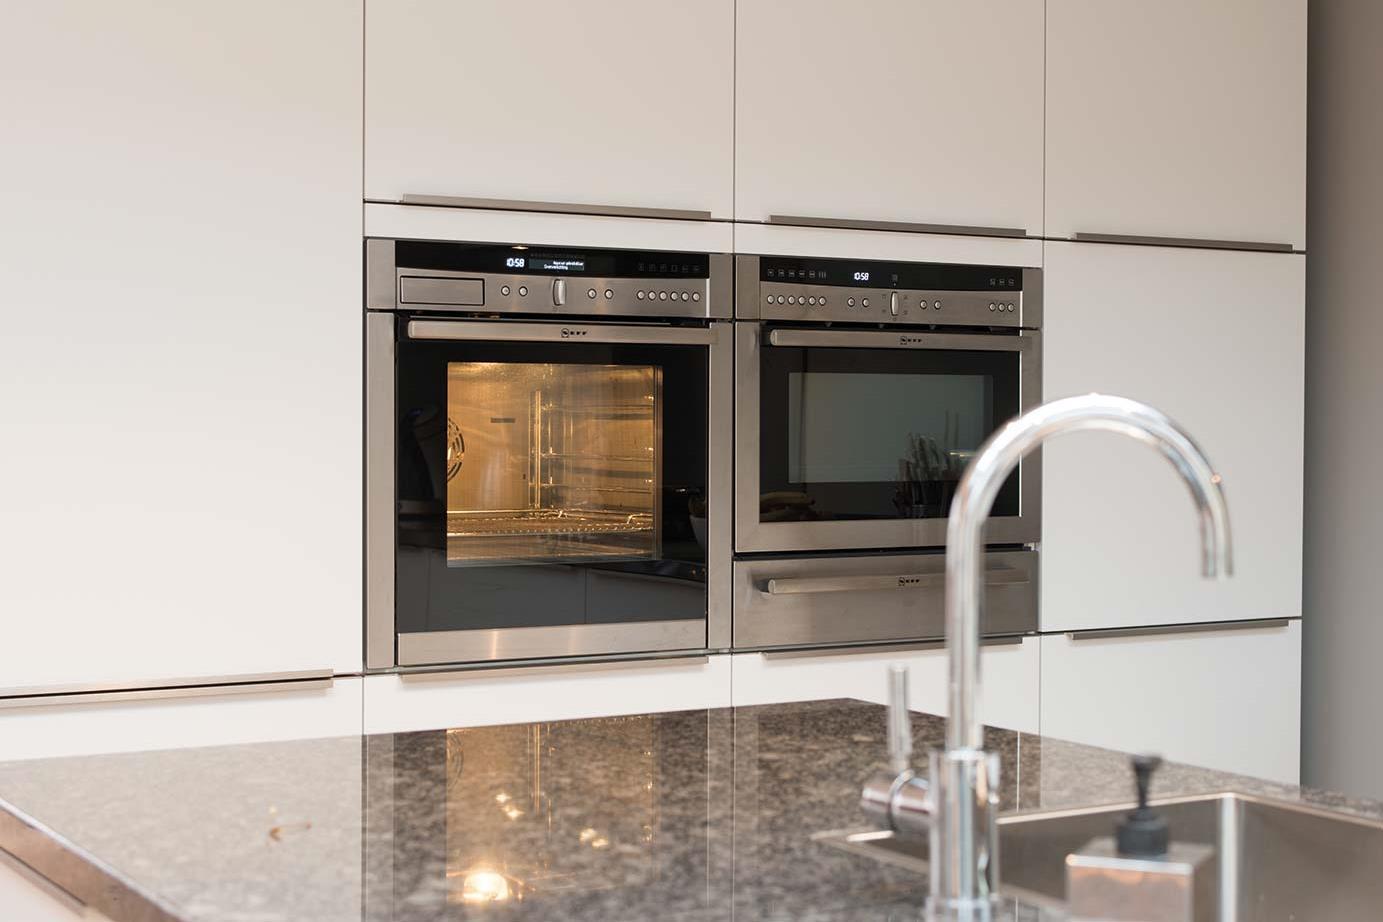 Witte keukens ons doel keukens met n arma